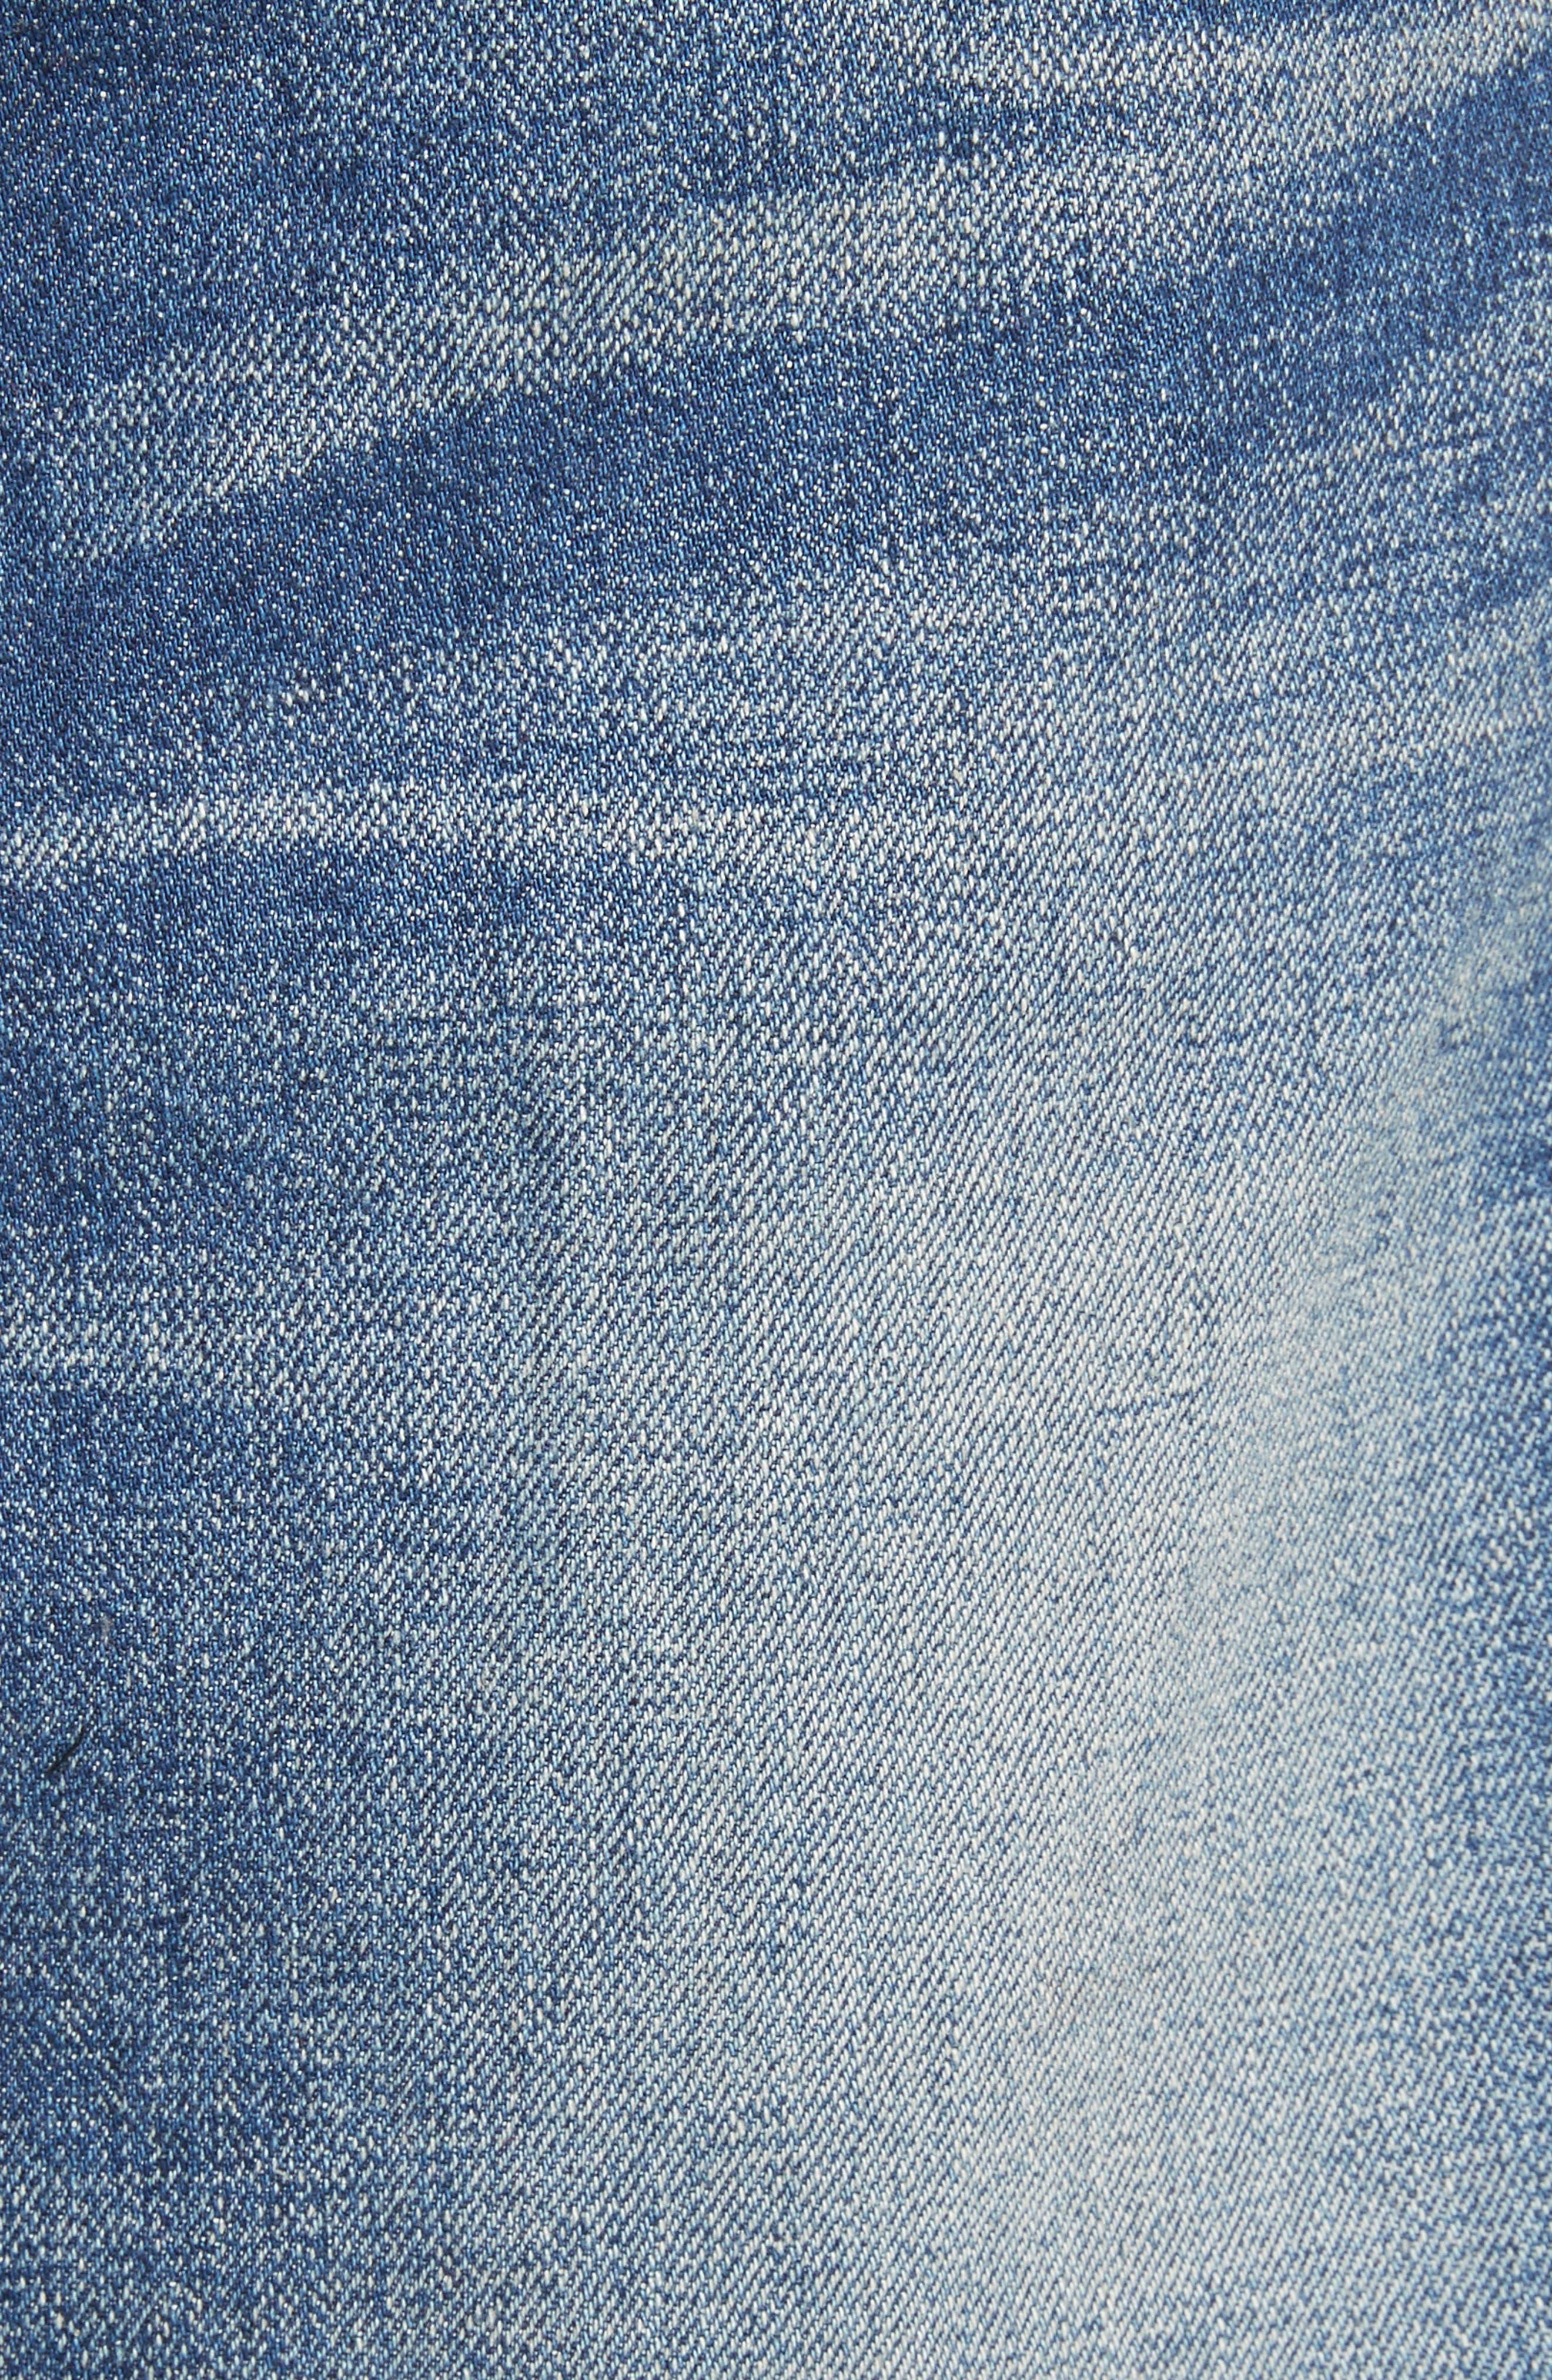 Tartan Back Denim Miniskirt,                             Alternate thumbnail 5, color,                             460